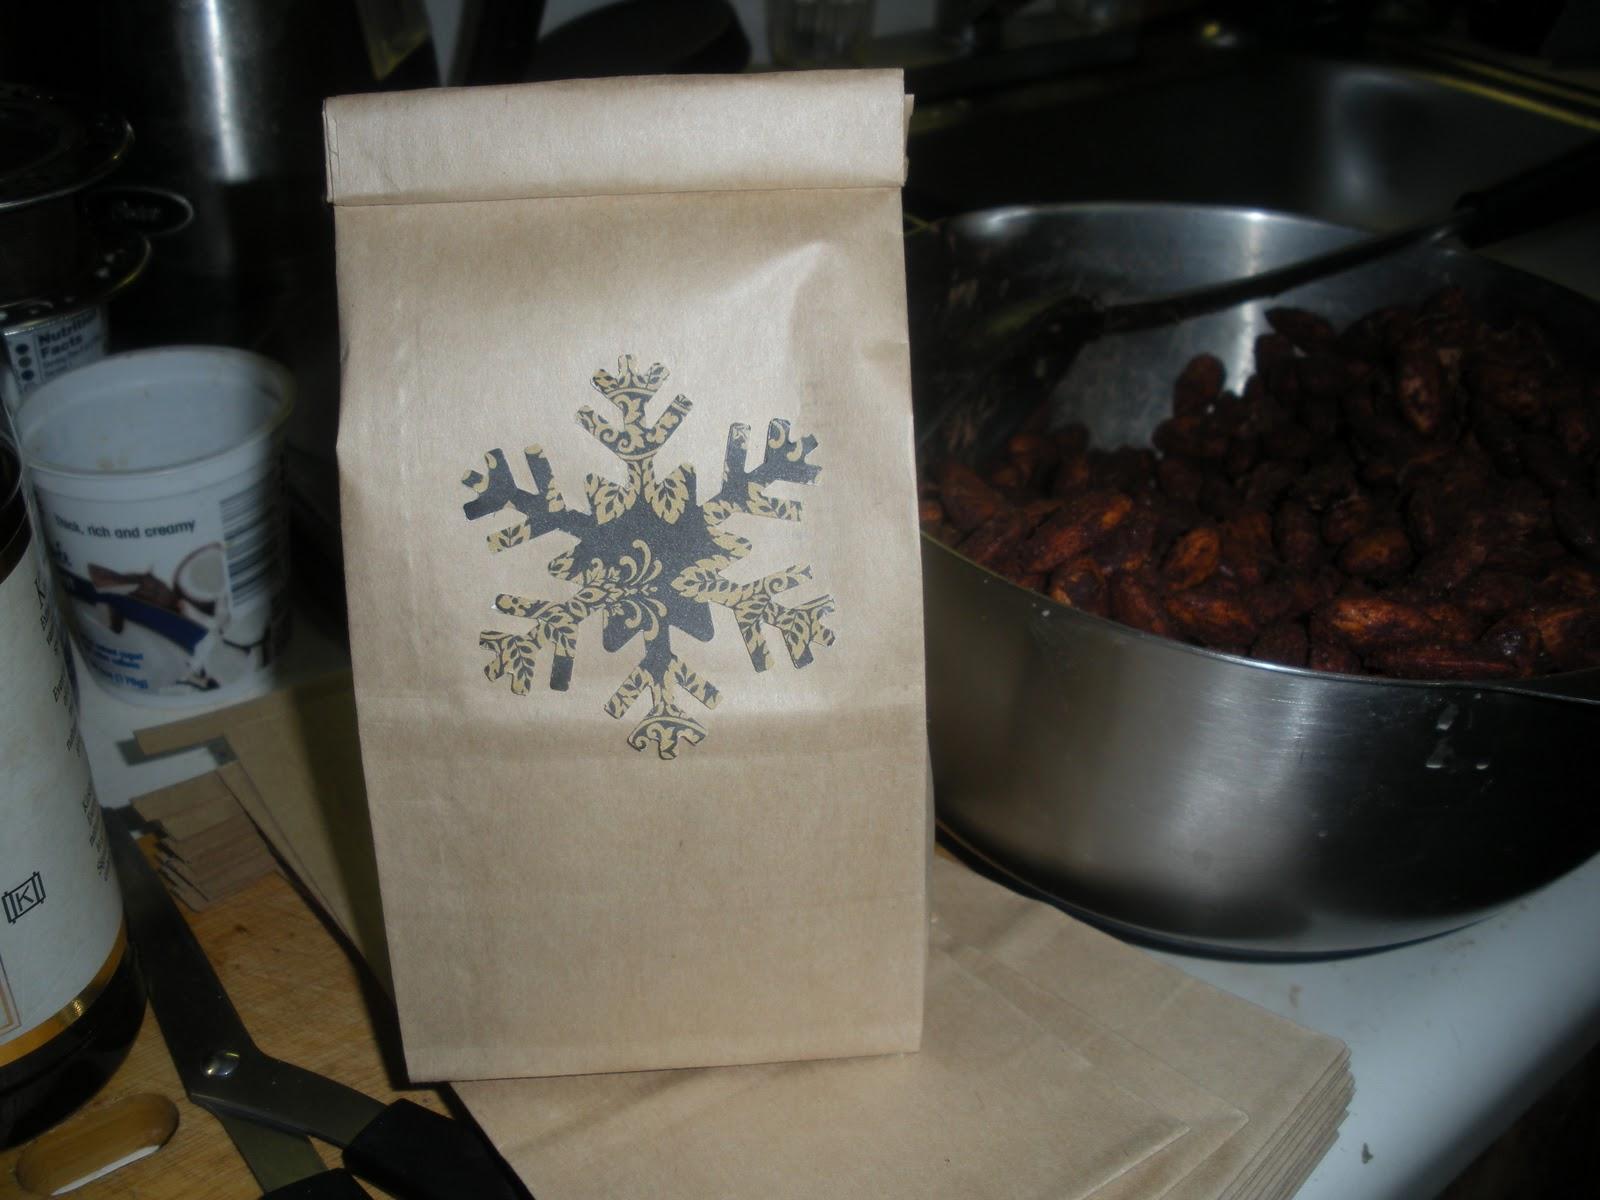 http://1.bp.blogspot.com/-pm8x_ufOiVo/Tt8A6RX288I/AAAAAAAAAKA/5aFlIWemZK8/s1600/Cocoa+roasted+almonds+2.JPG